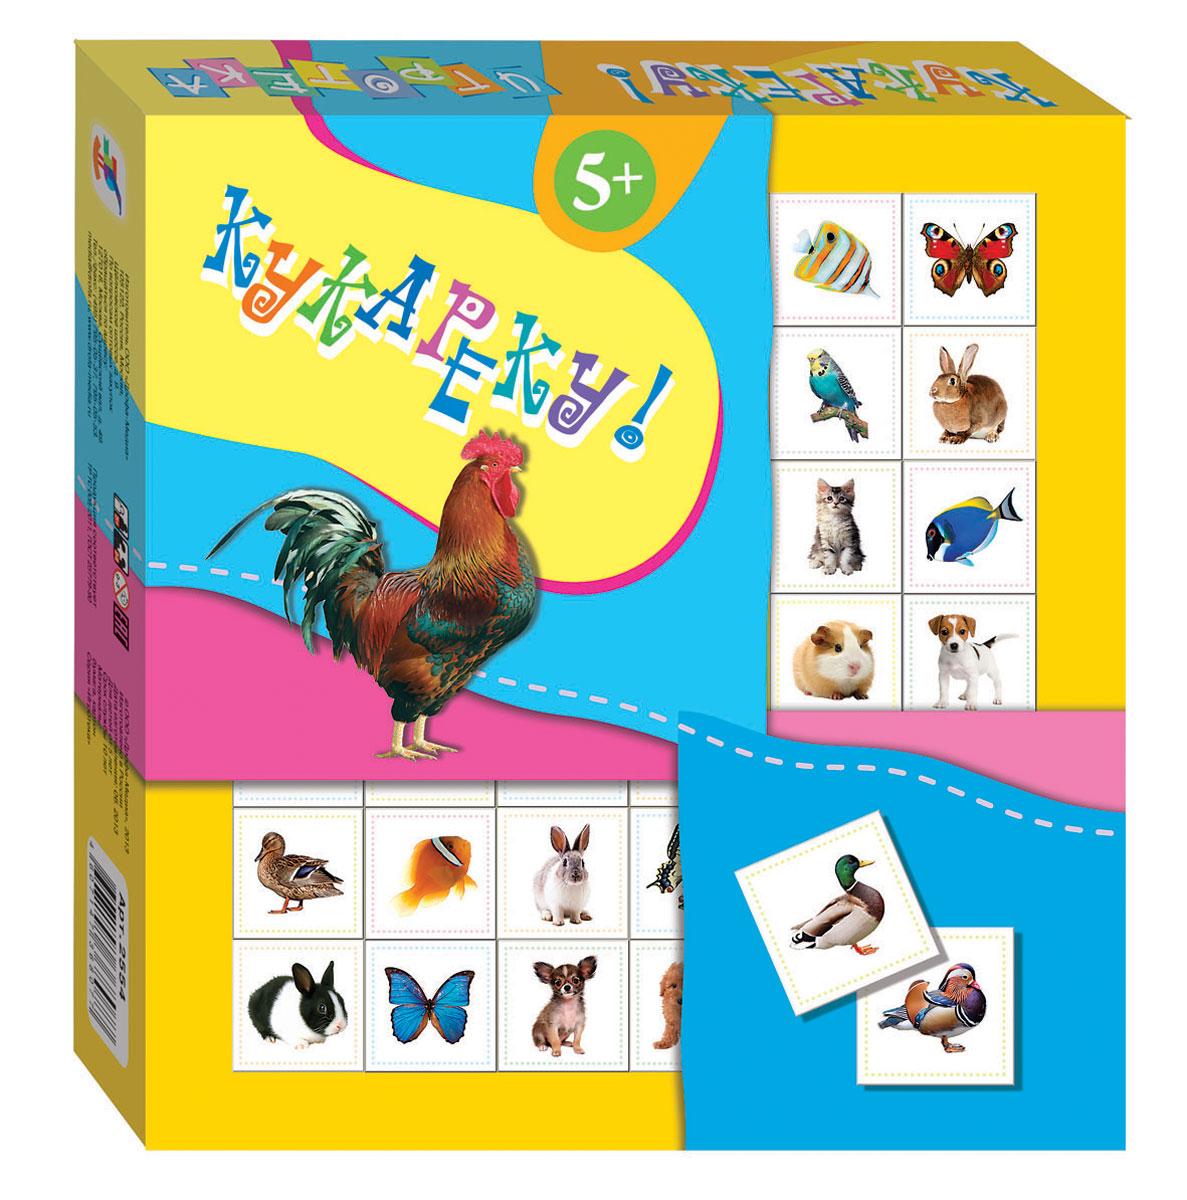 Дрофа-Медиа Настольная игра Кукареку2554Развивающая игра Кукареку! - это веселая и динамичная игра, которая прекрасно подойдет для вечеринок и семейных развлечений. В комплекте 36 игровых карточек и два варианта игры, которые подробно описаны в инструкции. Игра состоит в определенном построении карточек с цветными элементами. Игра развивает внимание, сообразительность, скорость реакции, умение действовать в коллективе.